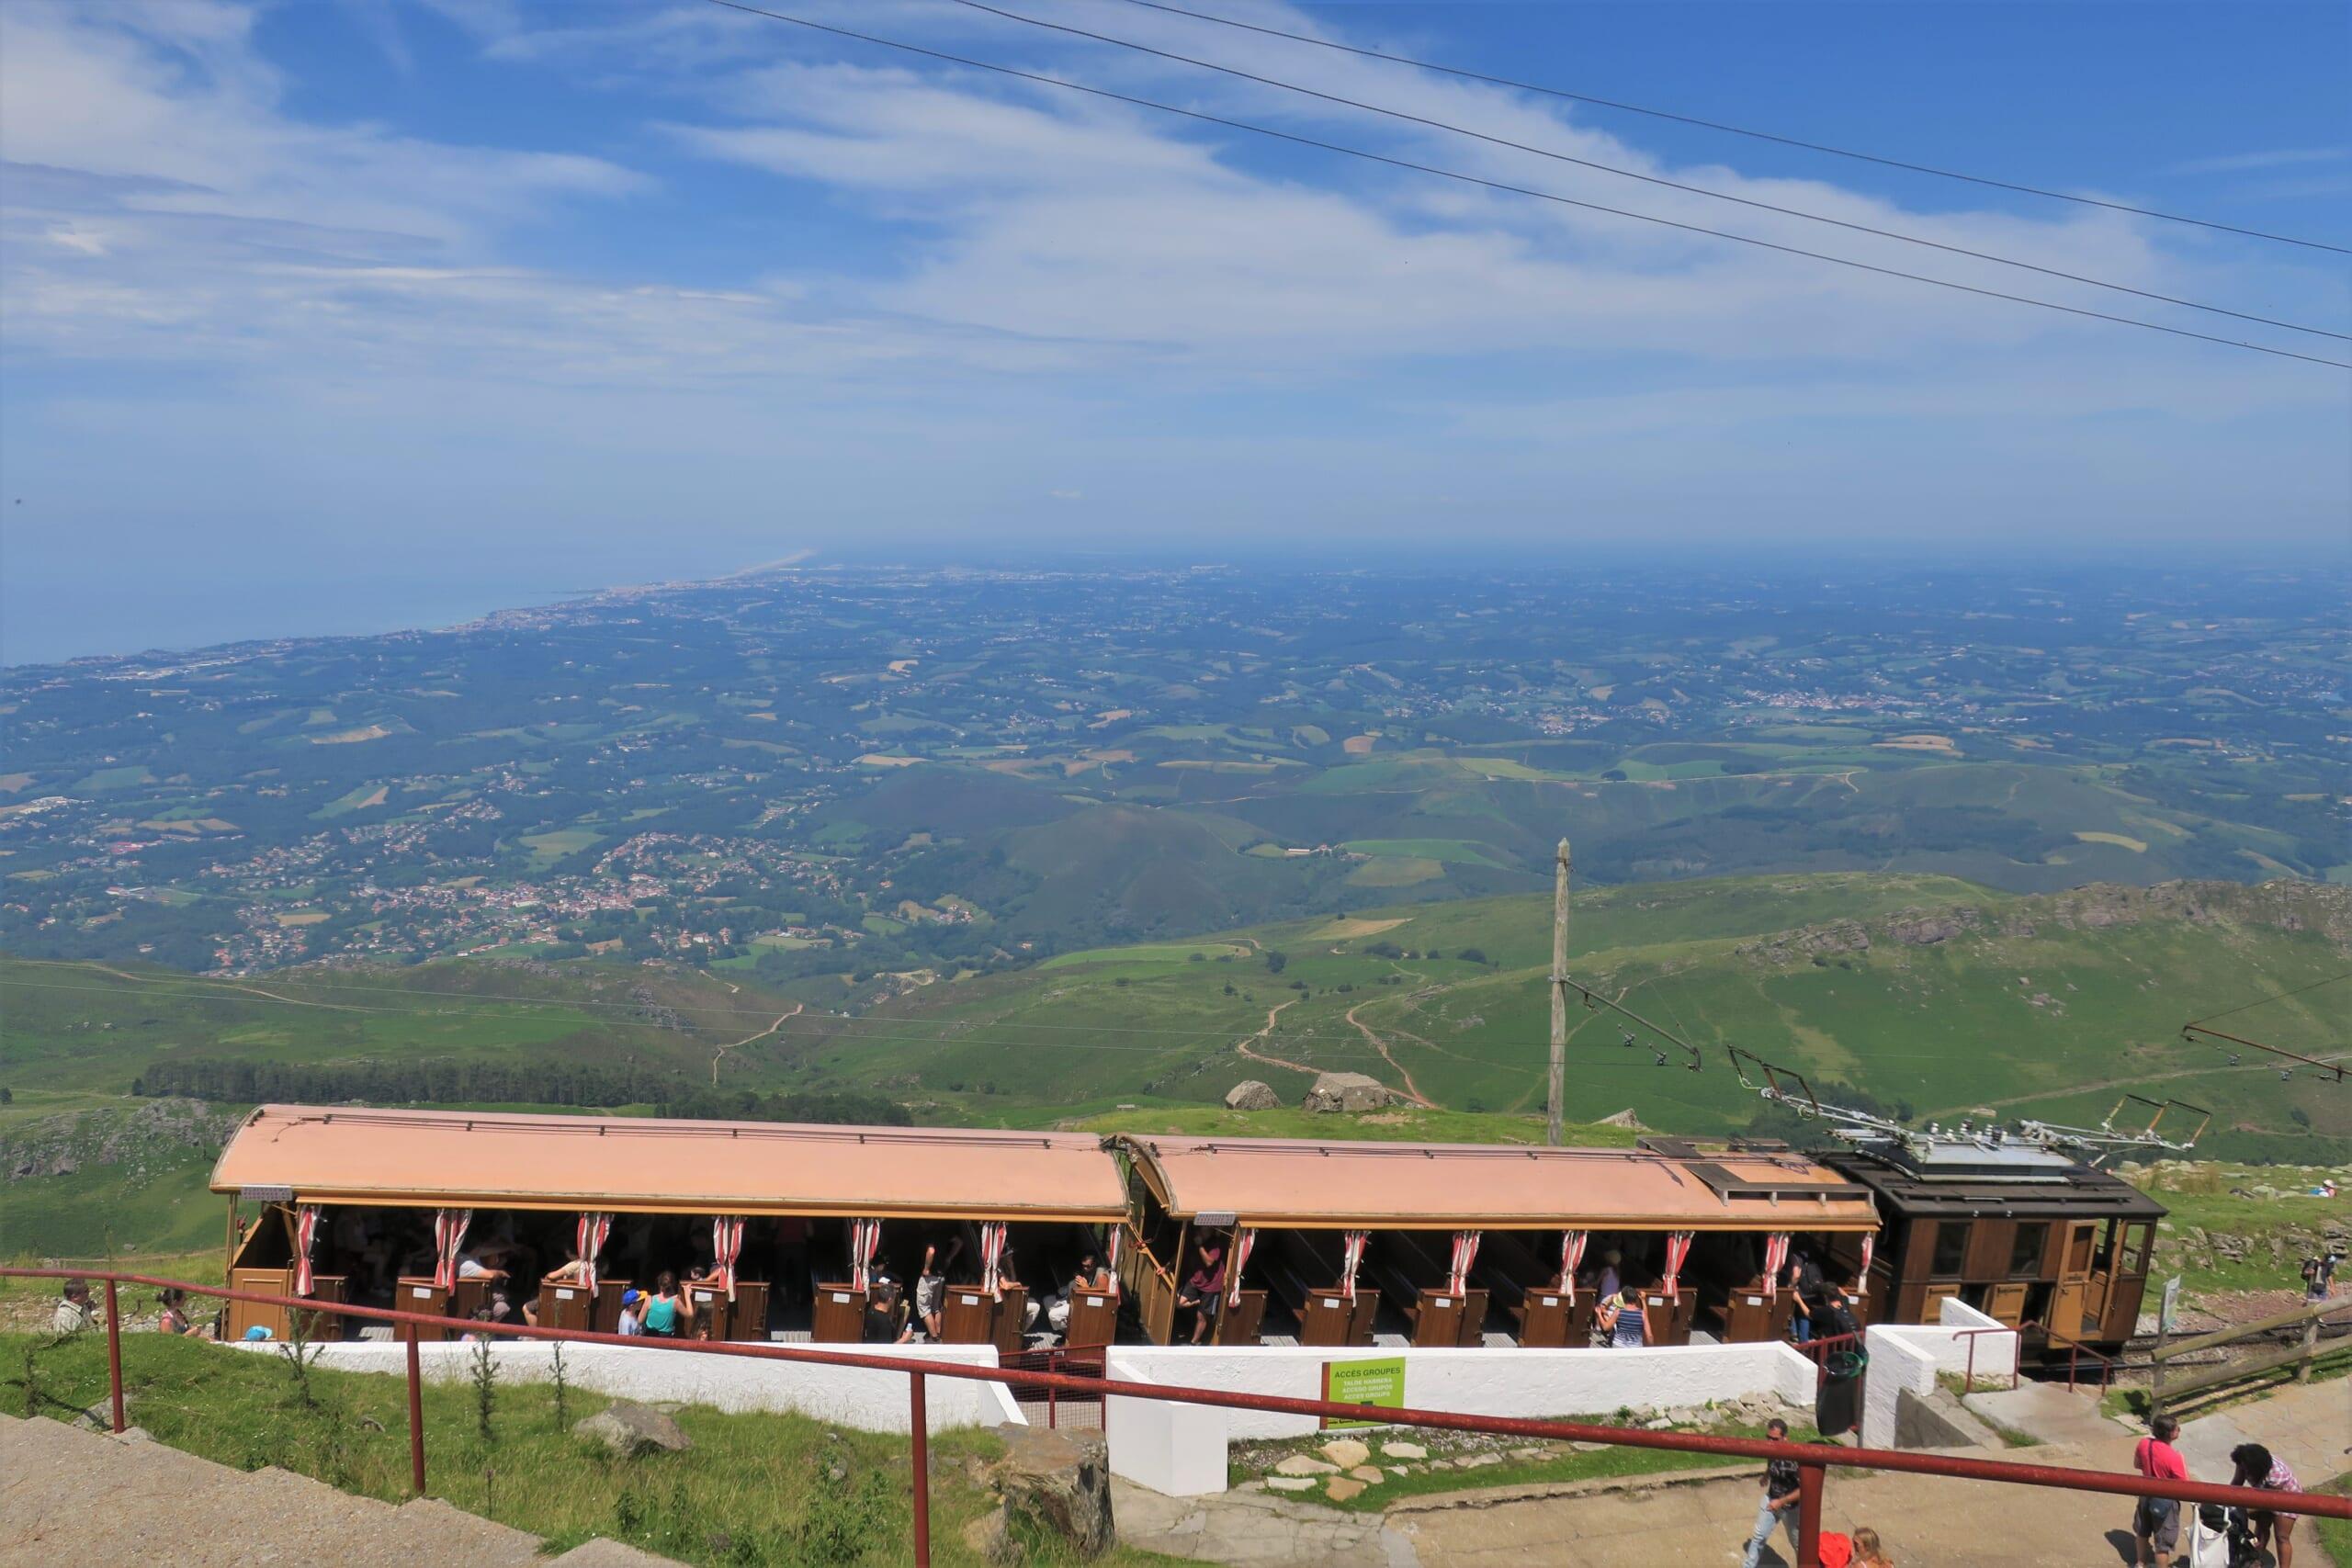 観光スポットであるバスクのピレネー山脈に位置するラ・リューヌ登山列車